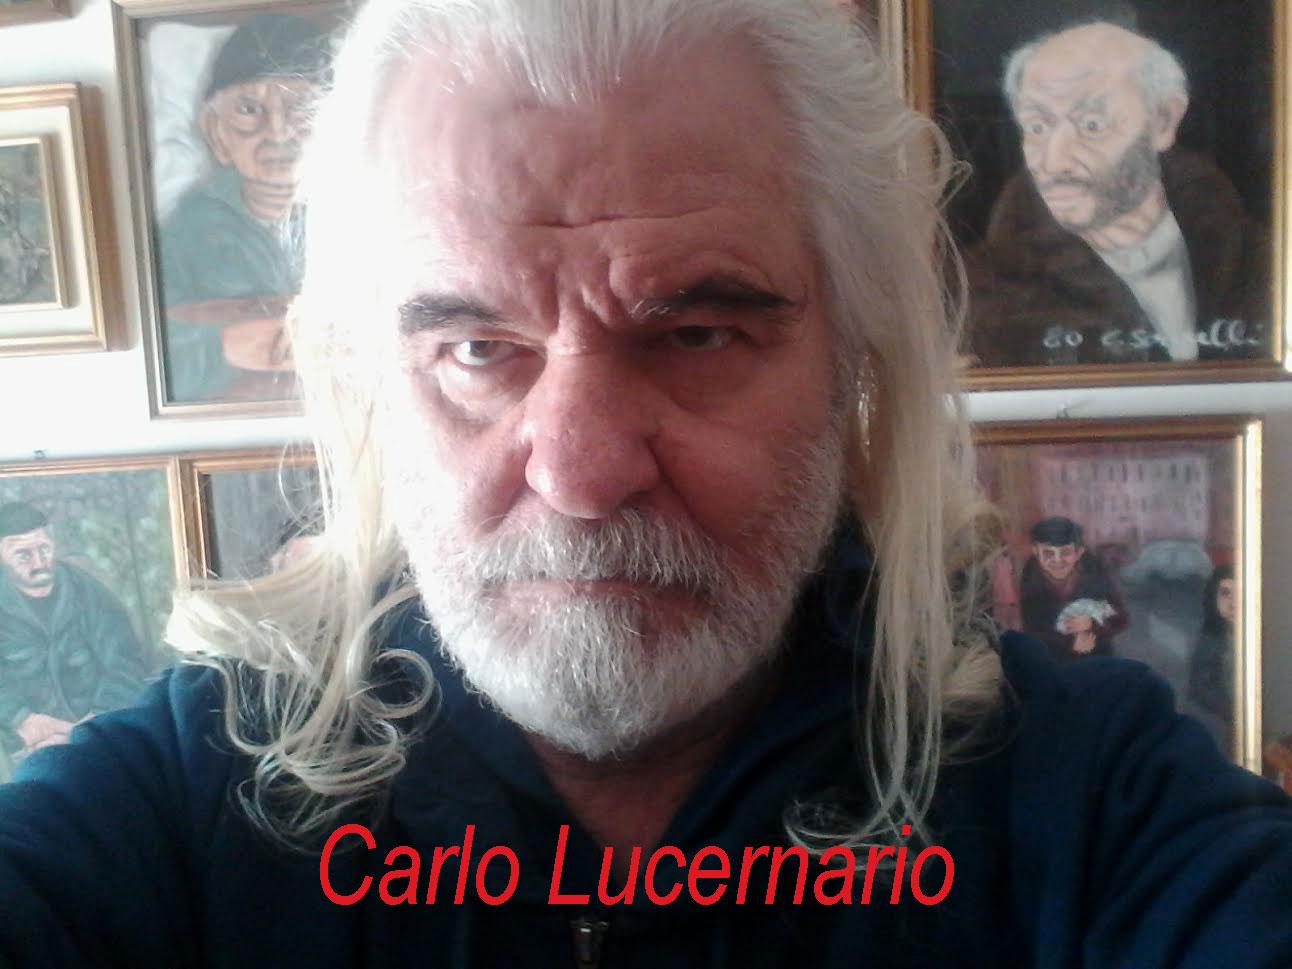 Carlo Lucernario (soricelli)